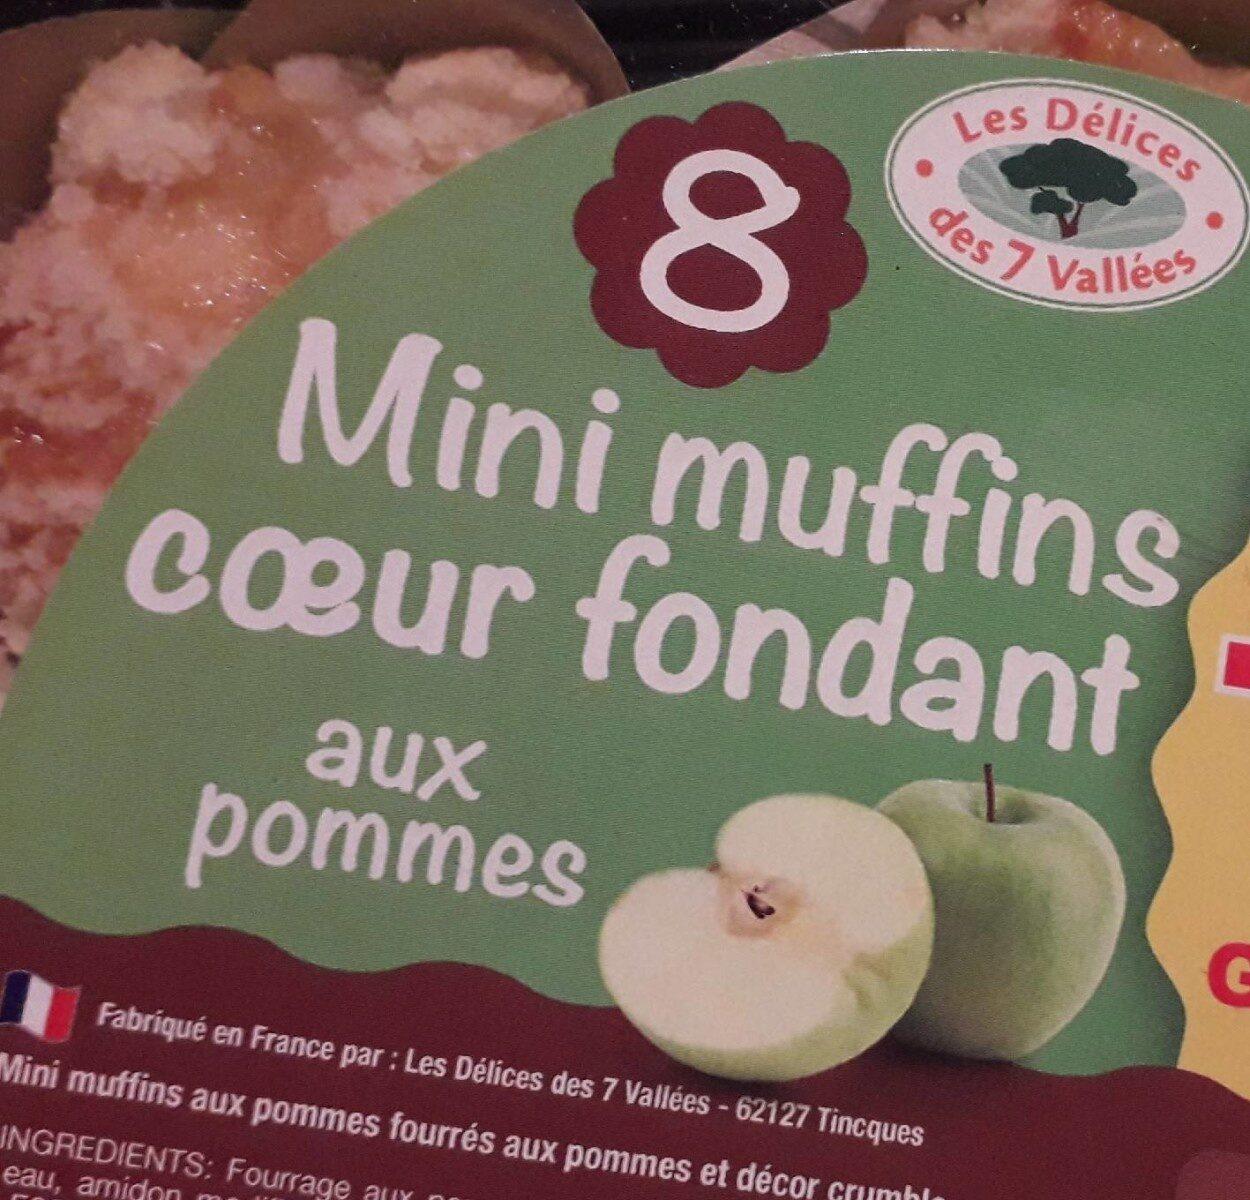 Mini muffins coeur fondant aux pommes - Produit - fr